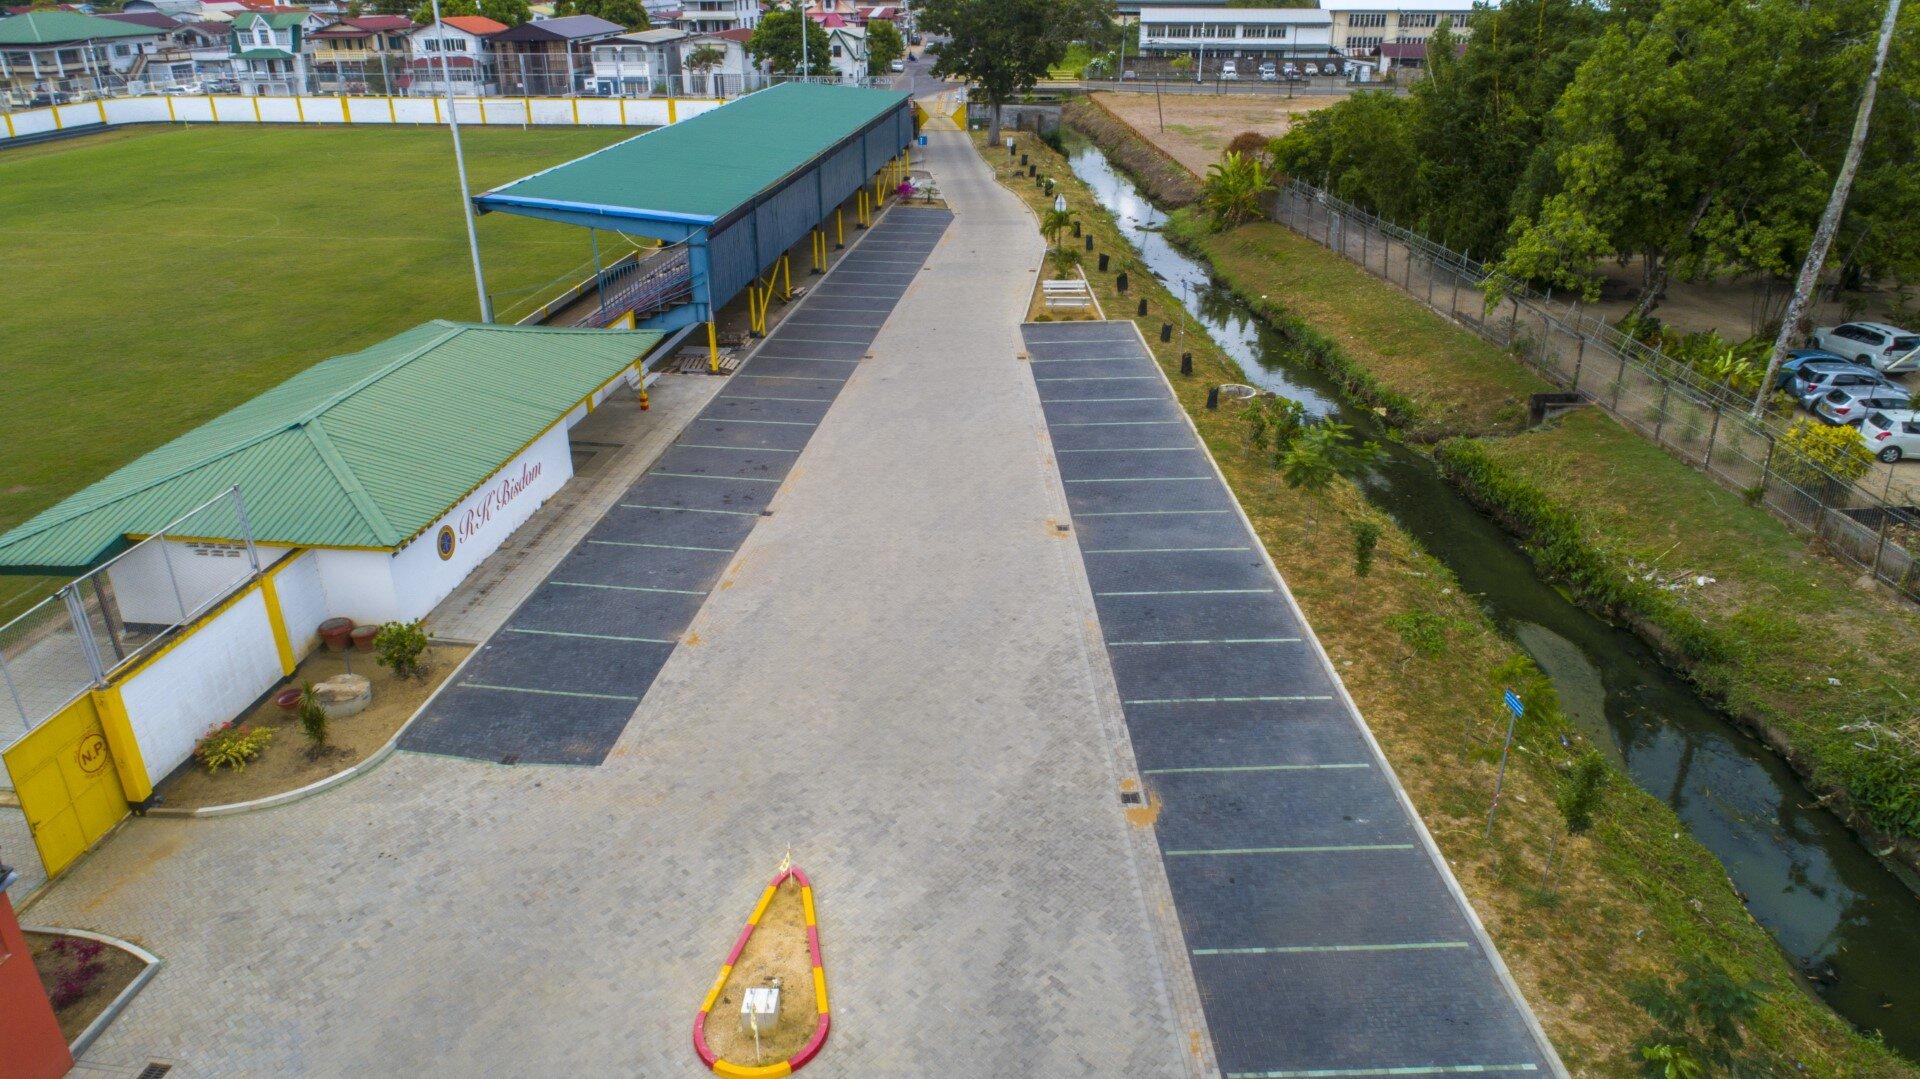 Prins Hendrikstraat 6 Centrum Paramaribo Surgoed Makelaardij NV Huurpand H0321B6 3 - Prins Hendrikstraat 6